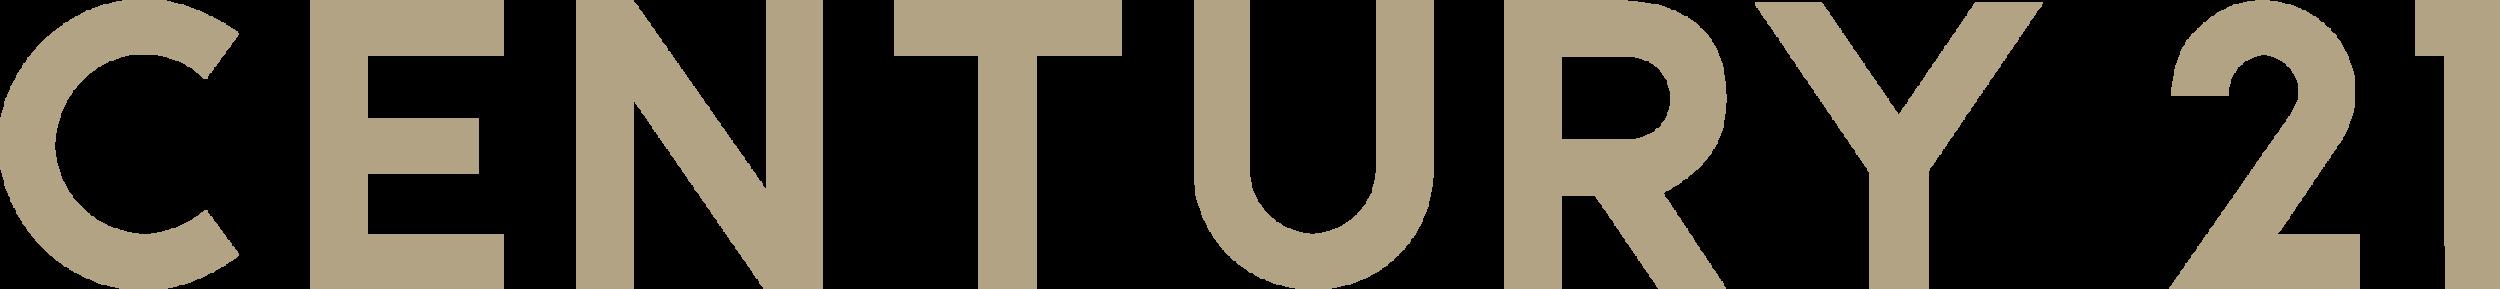 centrury21_logo_2018-c21.png